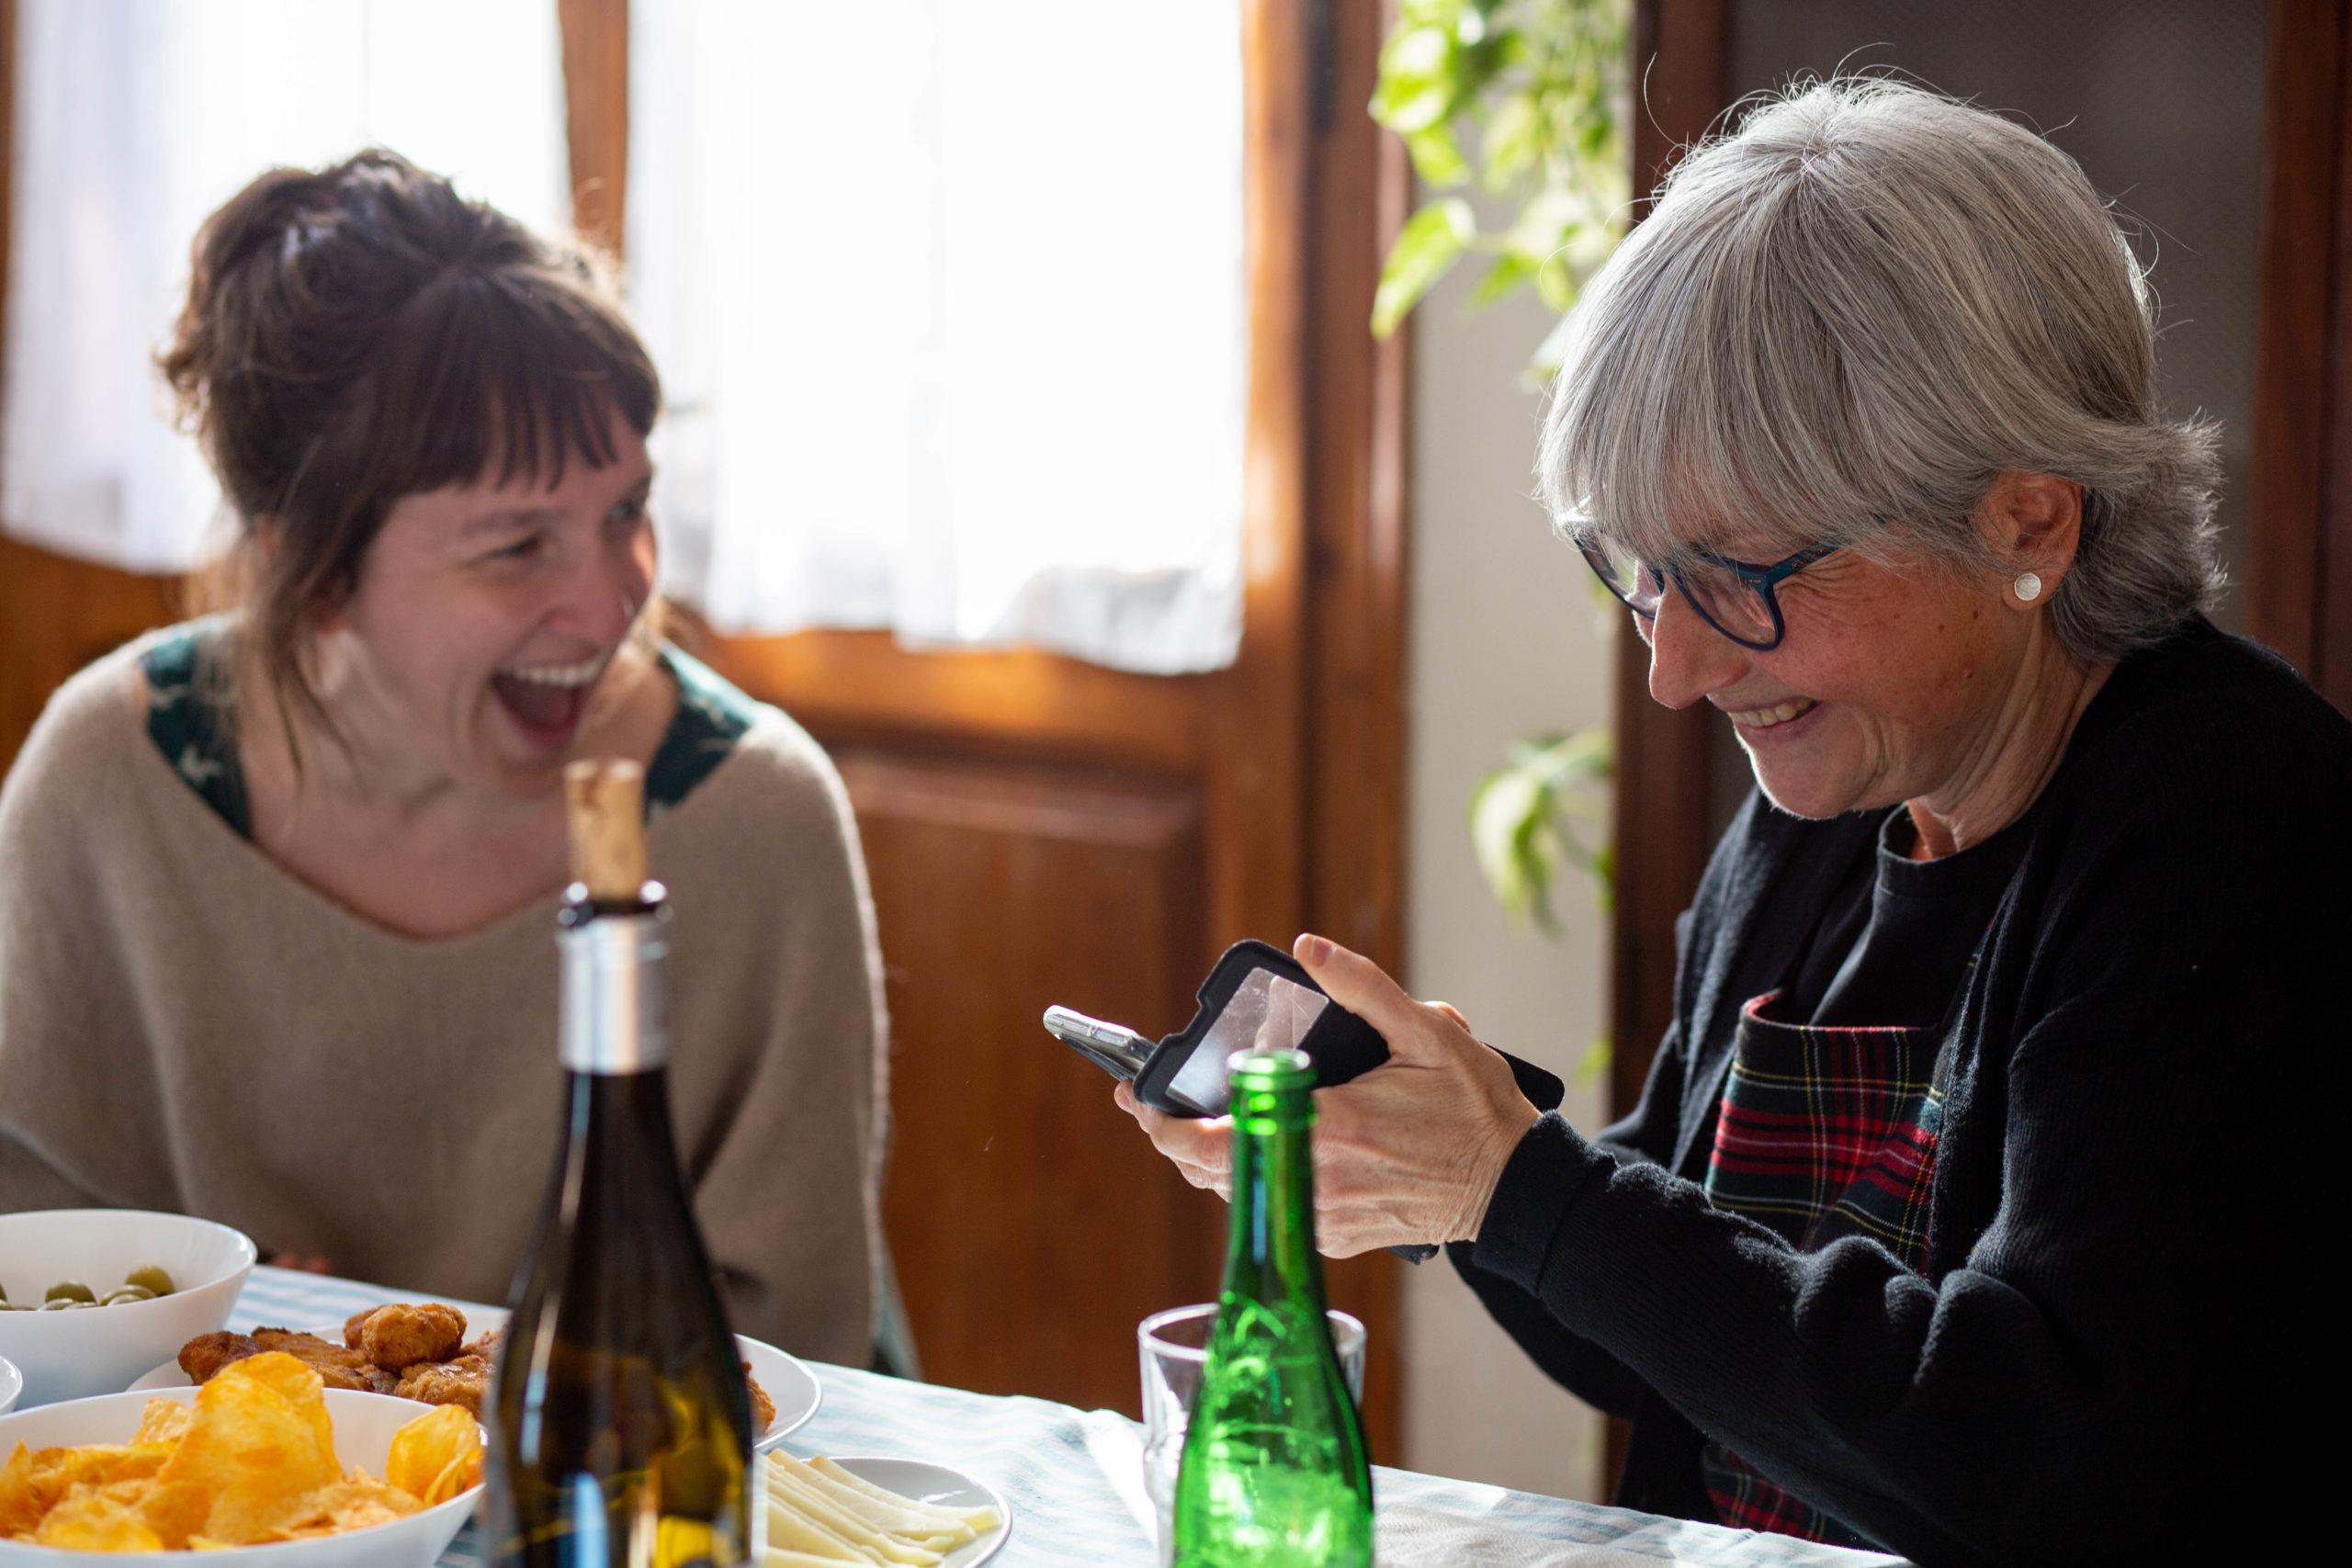 Dues amigues rient en un dinar mentre miren el mòbil en un menjador de casa